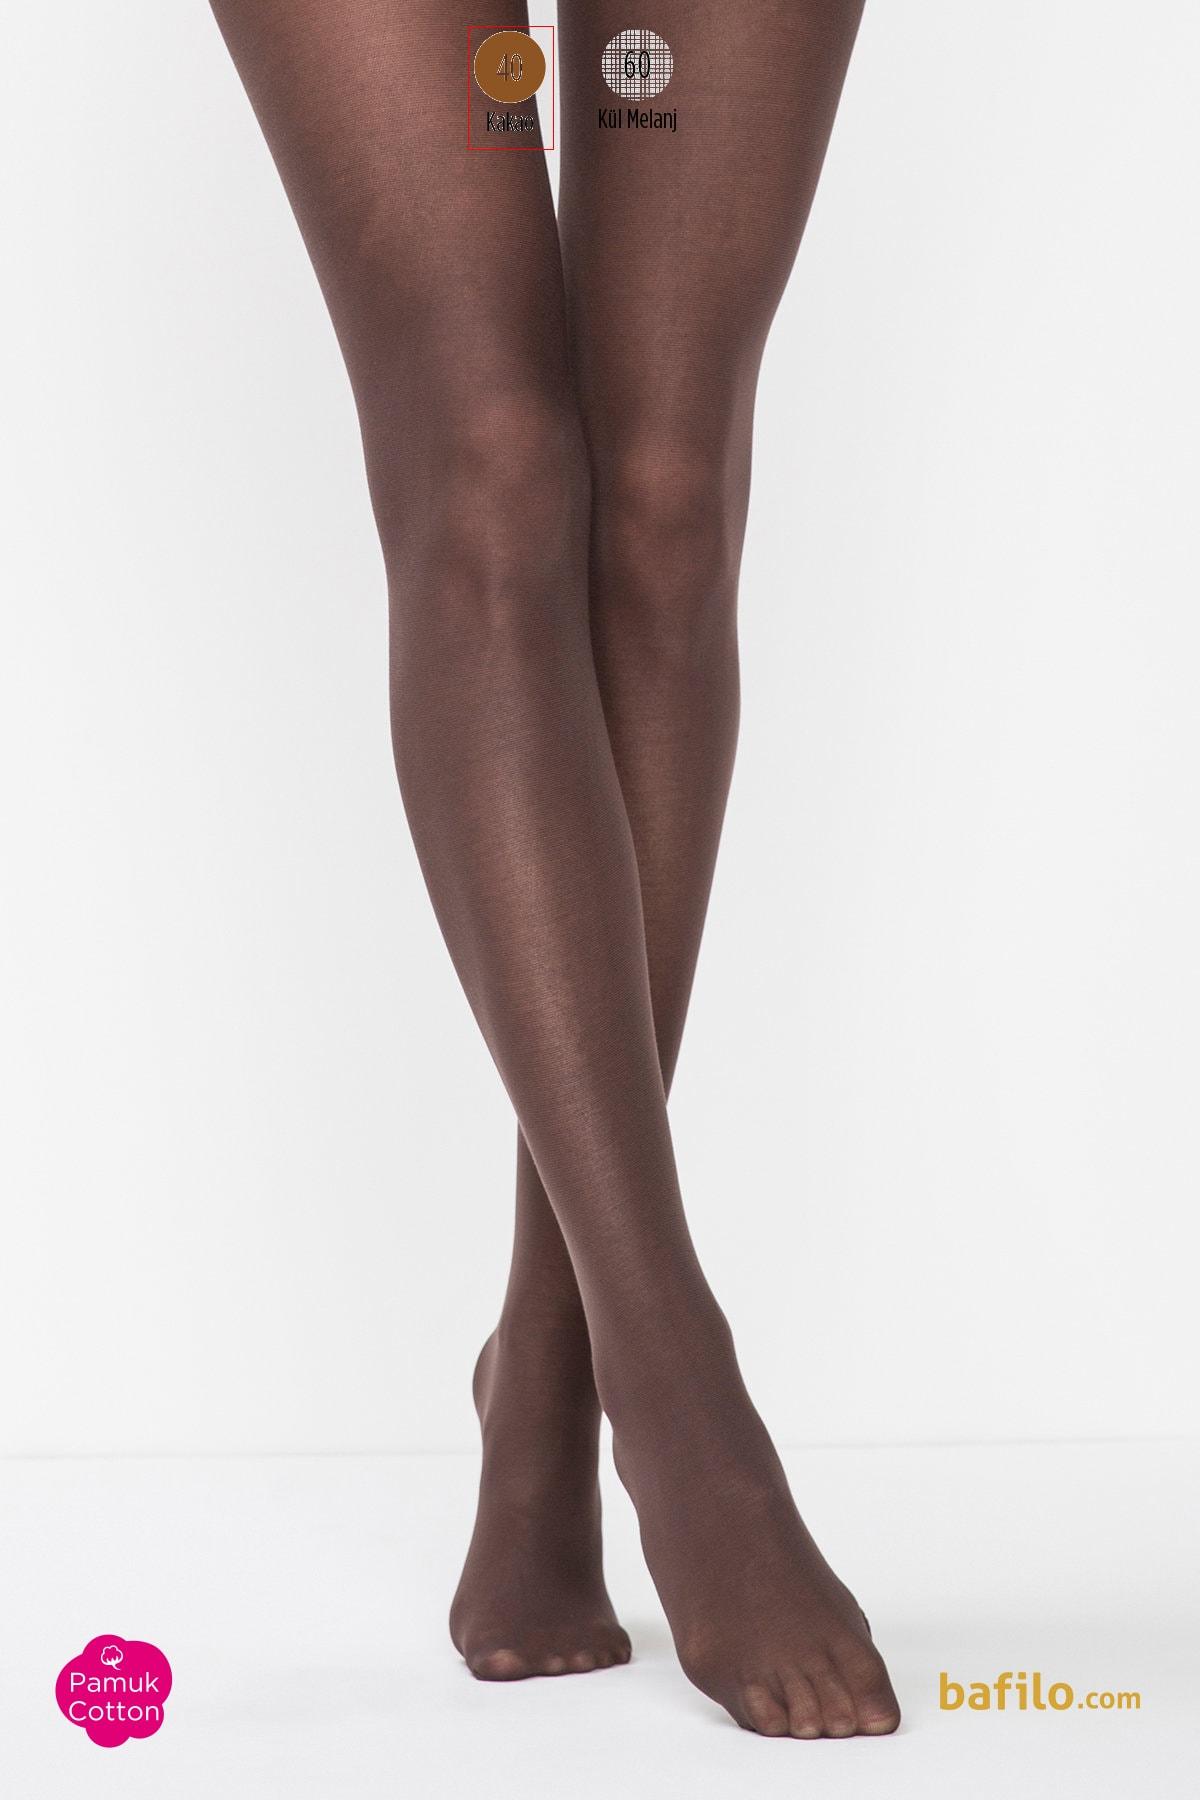 پنتی | Penti - جوراب شلواری نخی زنانه پنتی Koton قهوه ای